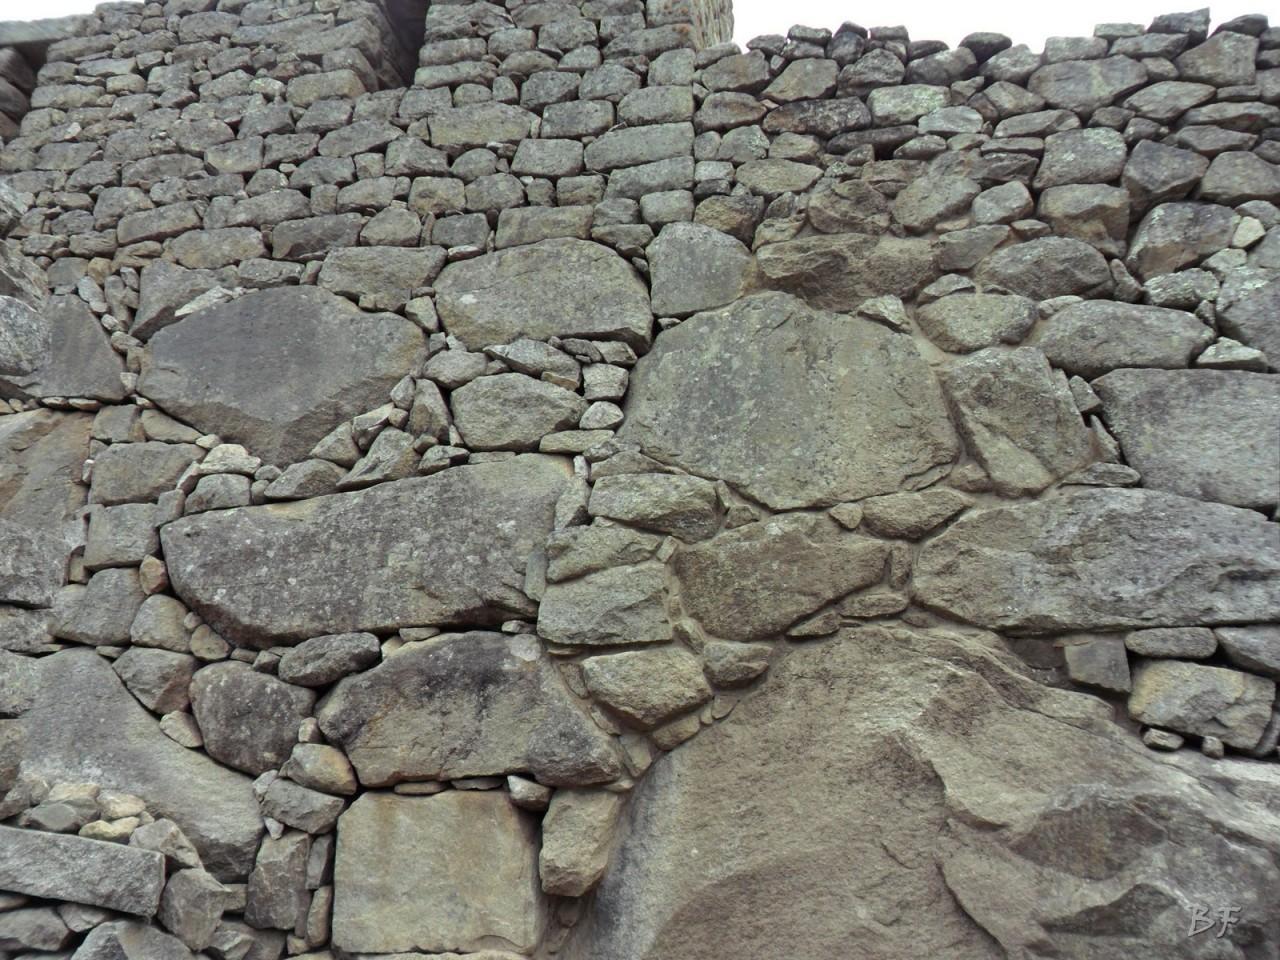 Mura-Poligonali-Incisioni-Altari-Edifici-Rupestri-Megaliti-Machu-Picchu-Aguas-Calientes-Urubamba-Cusco-Perù-85